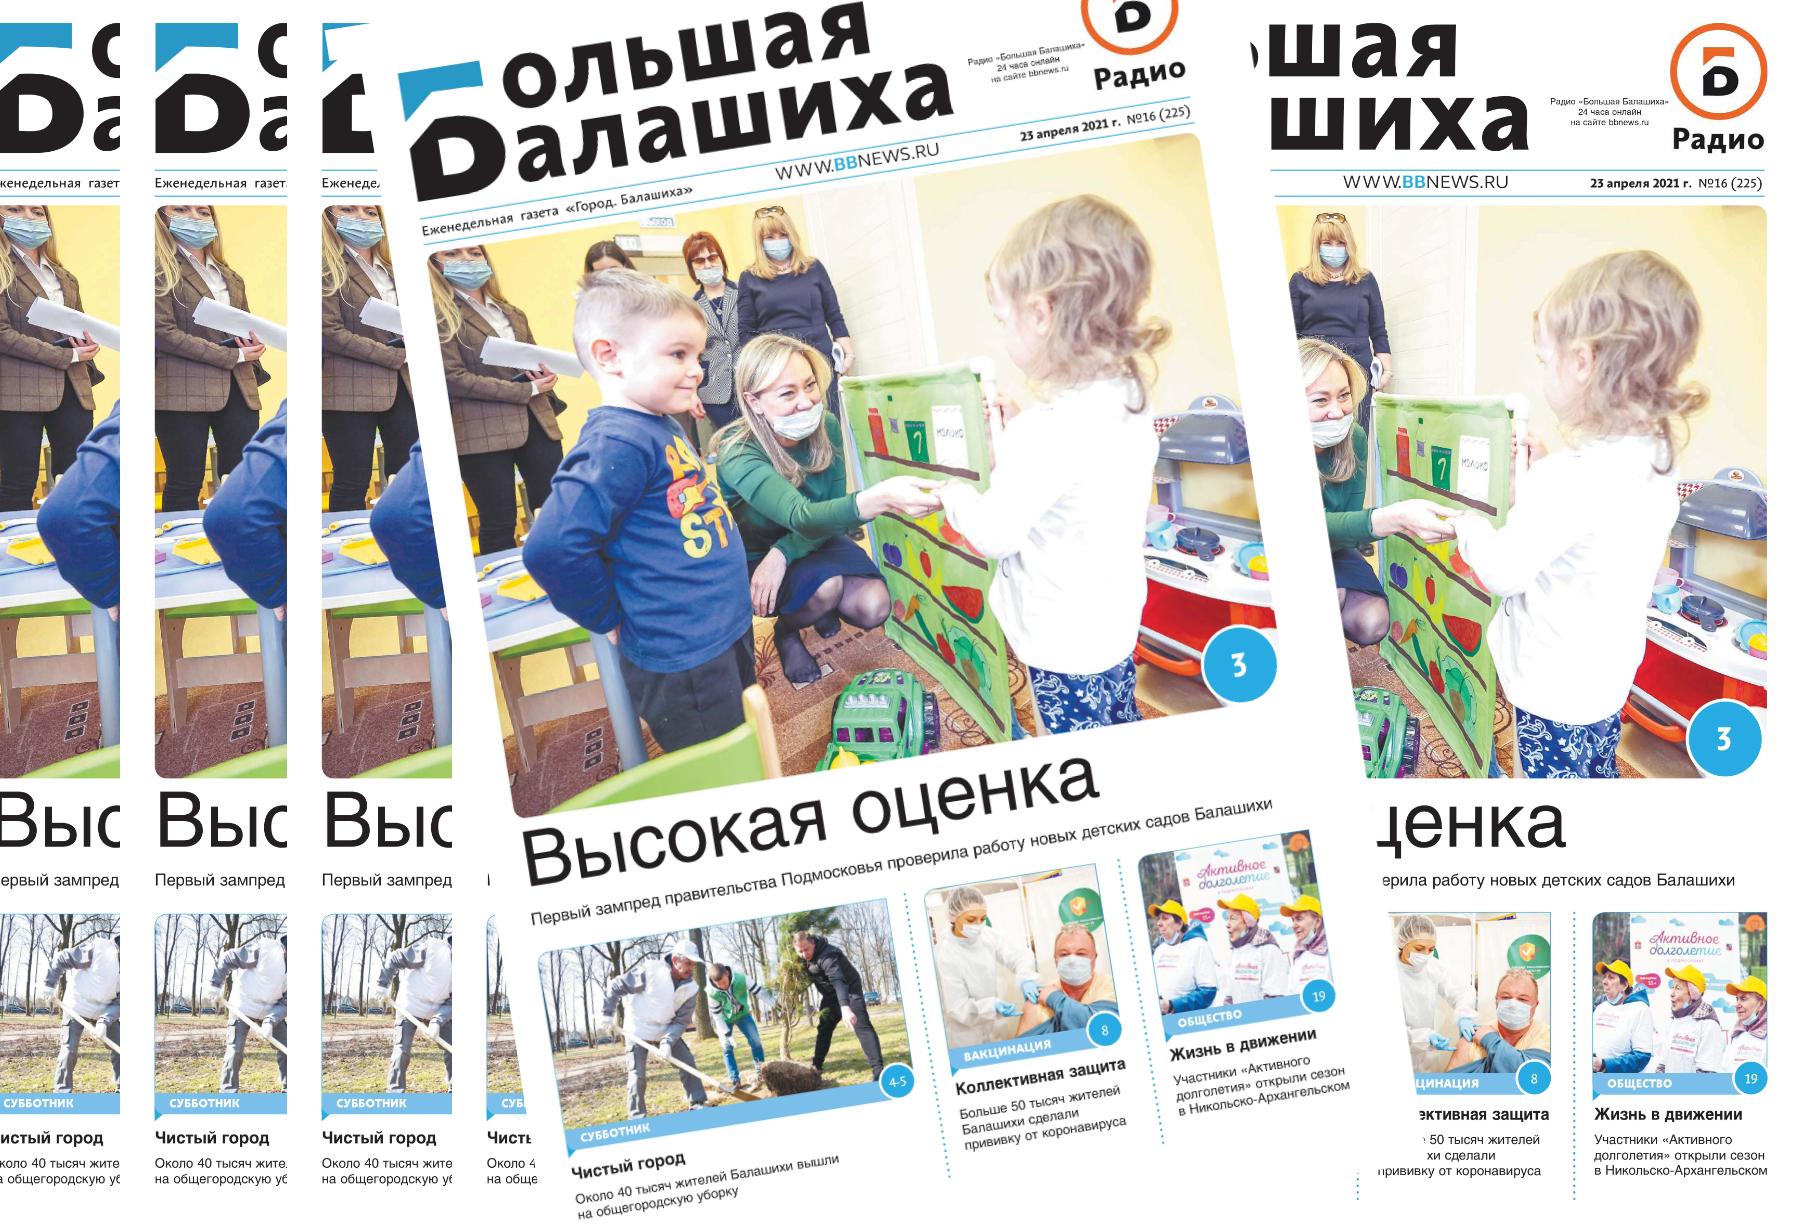 Вышла газета «Город Балашиха» №16 (225)